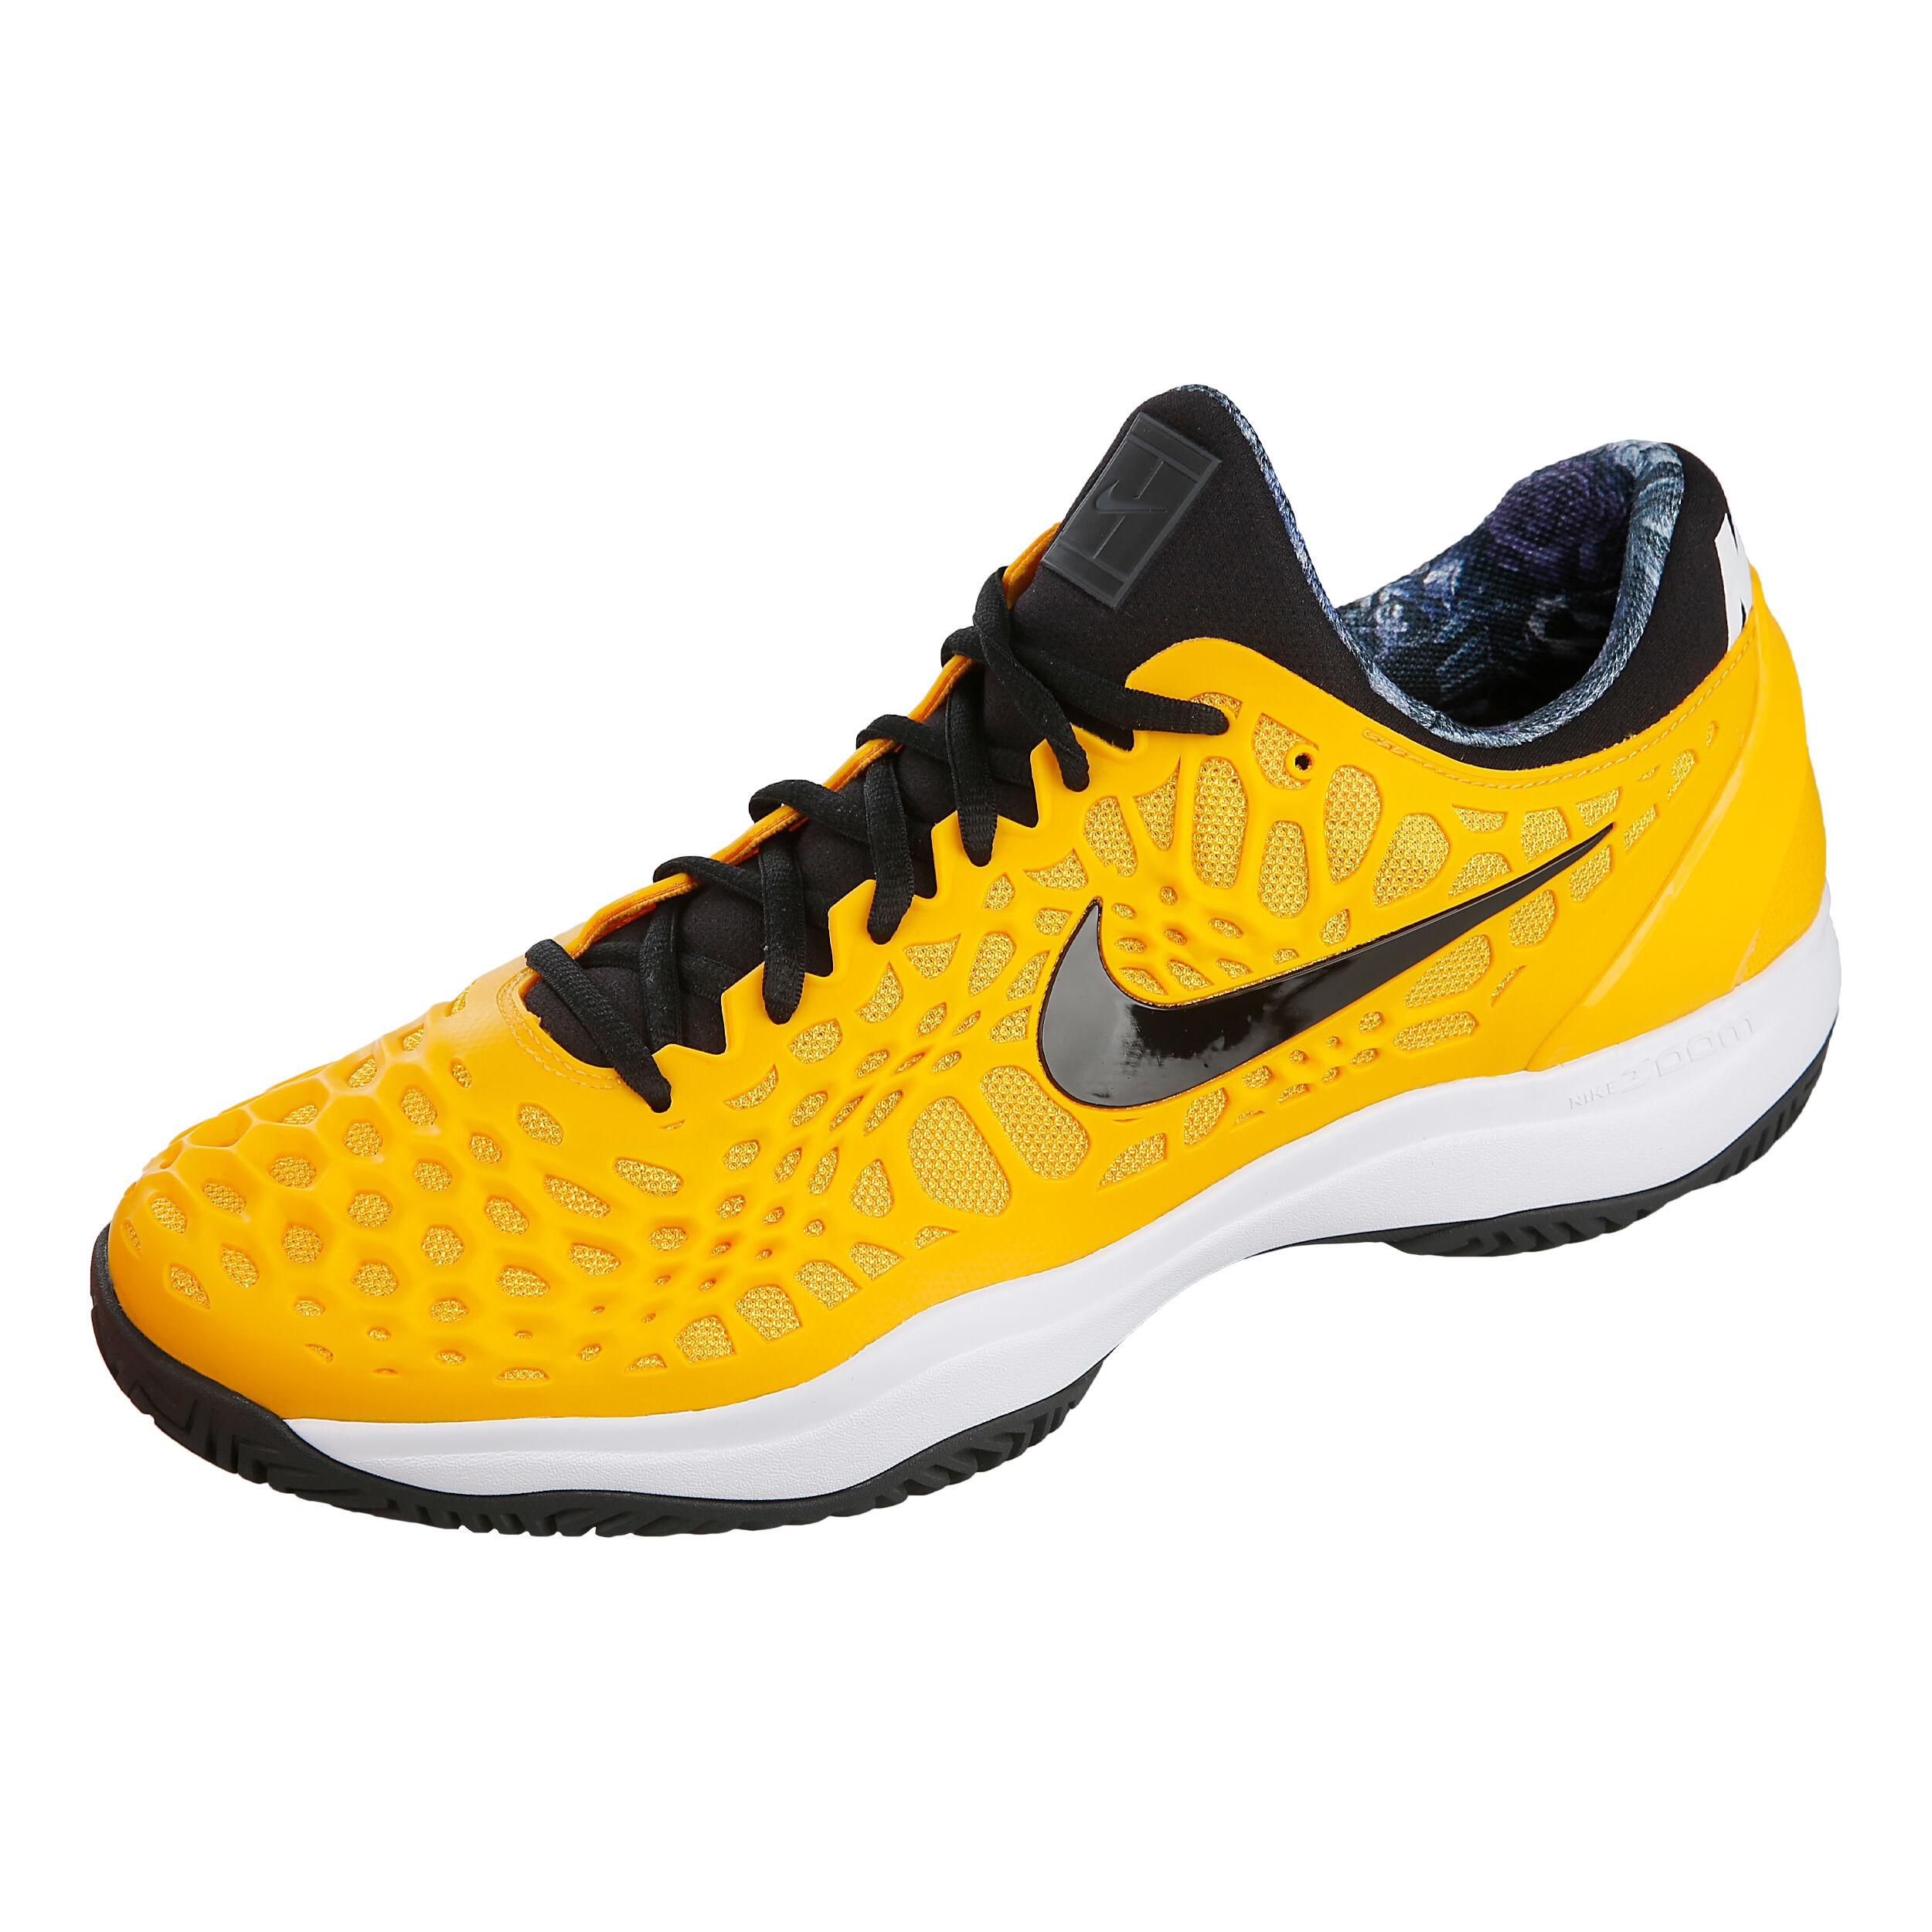 Nike Zoom Cage 3 Zapatilla Todas Las Superficies Hombres